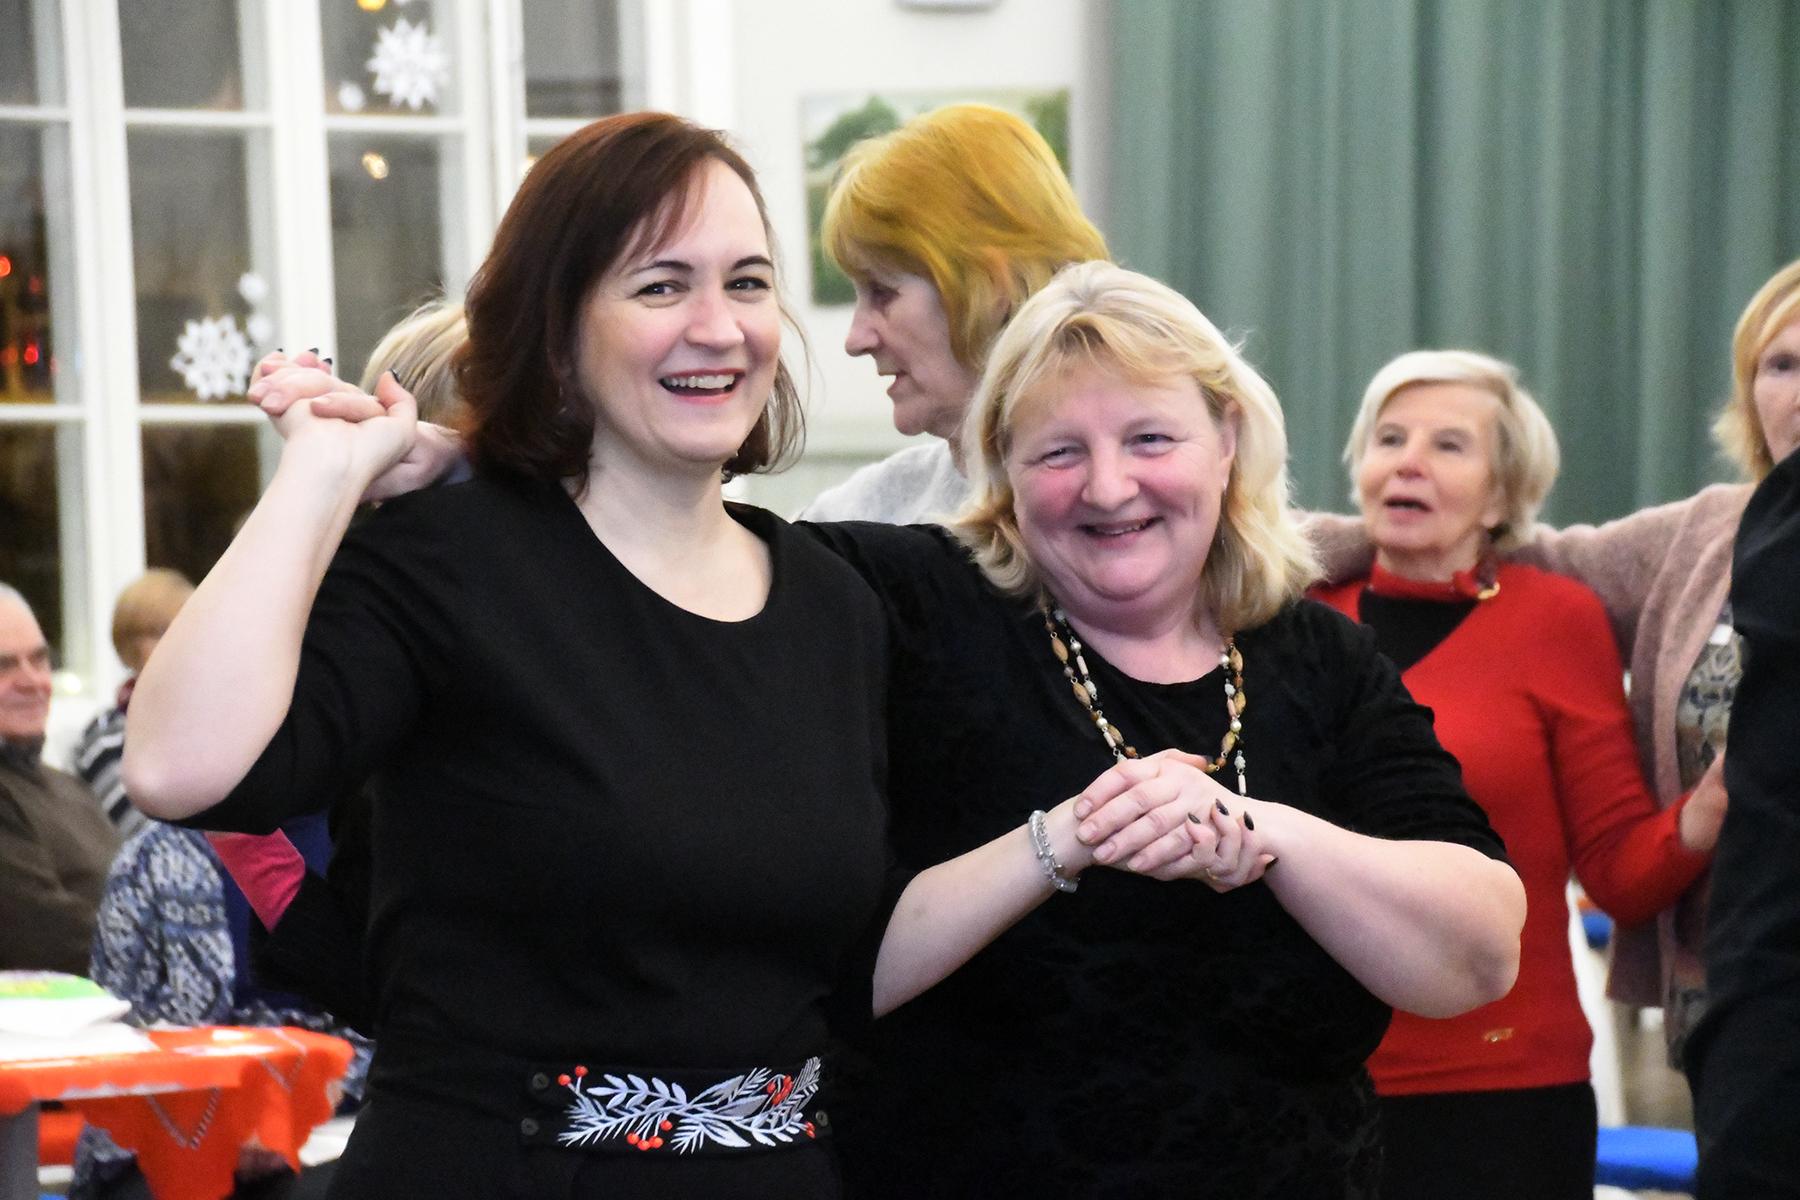 Naistelaulupäev Pärnus Raeküla Vanakooli keskuses. Foto Urmas Saard